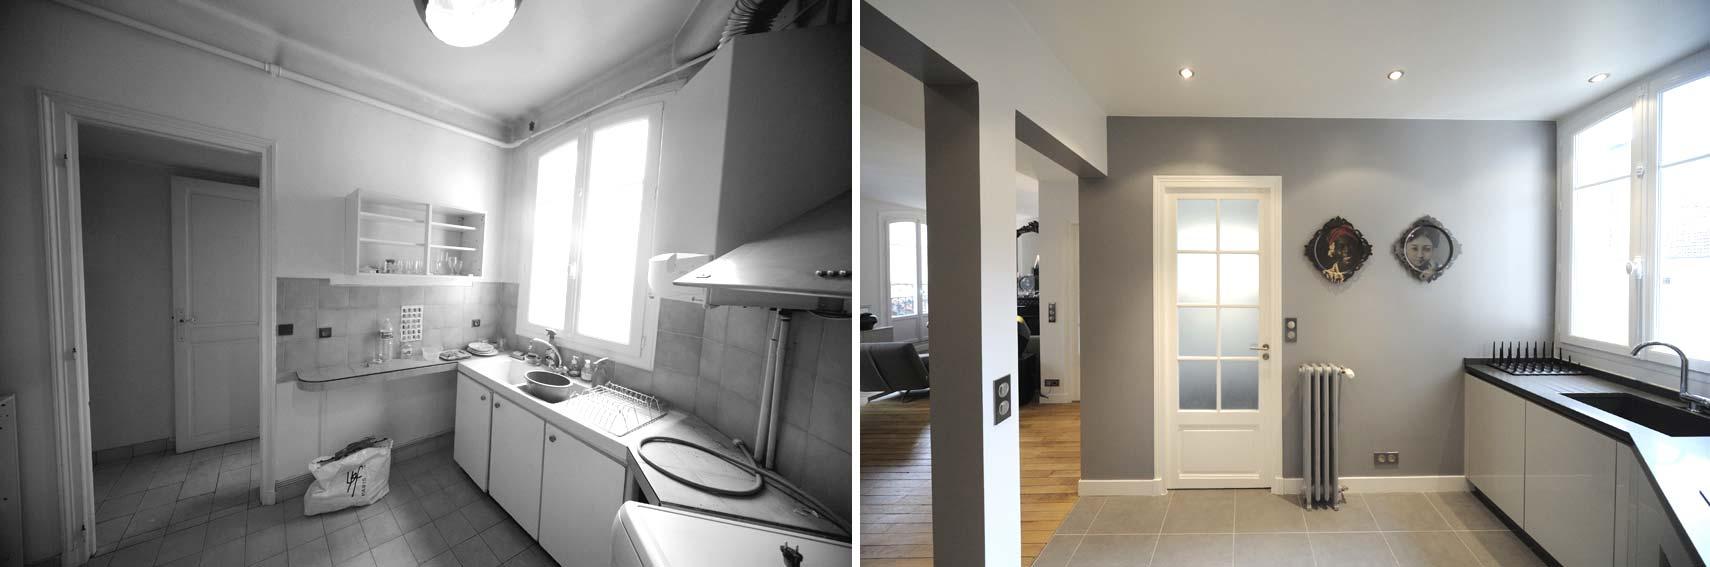 Aménagement d'une cuisine isolée dans un appartement